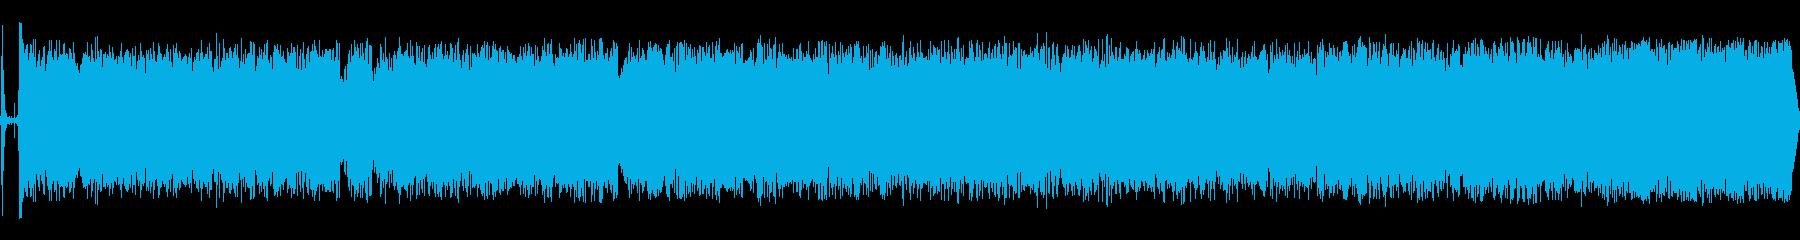 カッパチーノの鳴き声の再生済みの波形